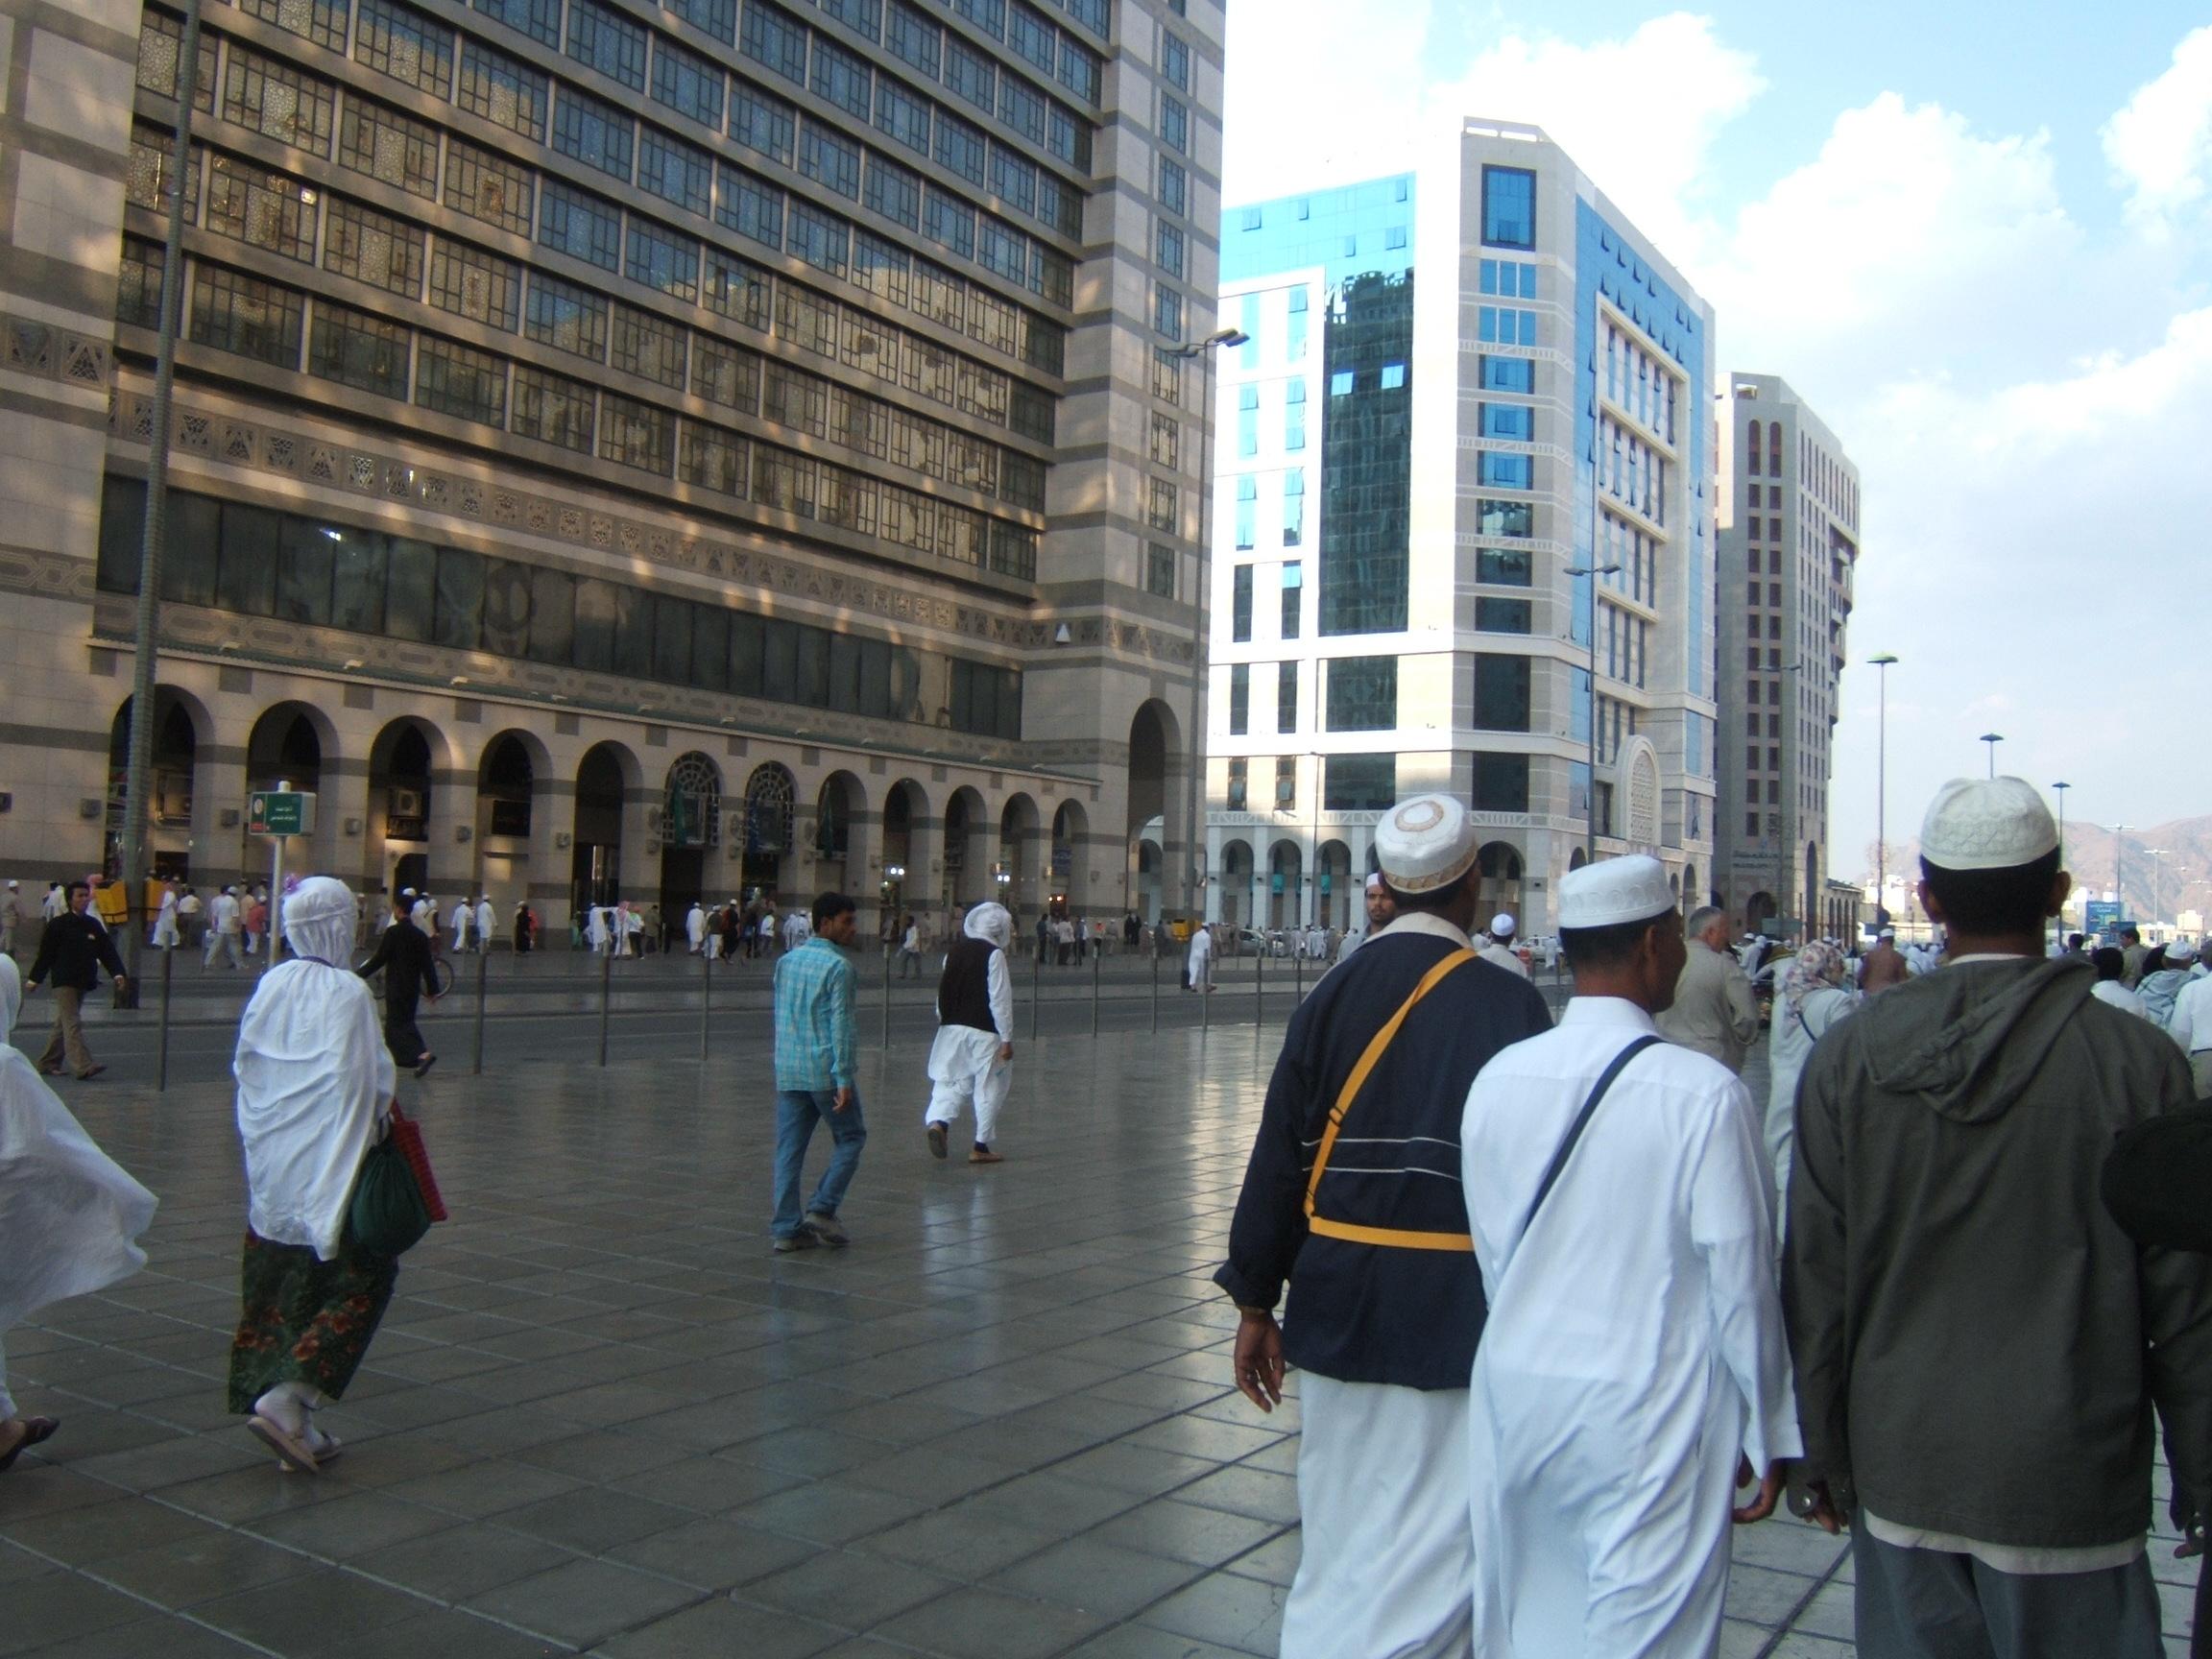 Hotel di Madinah jauh lebih bagus dari di Makkah, namun demikian kamar kapasitas untuk dua orang dijejali enam orang selama lebih sepekan mebuat suasana tak nyaman, lain hal kalau hanya 1 dua hari saja. Tularan virus akan lebih meningkat.